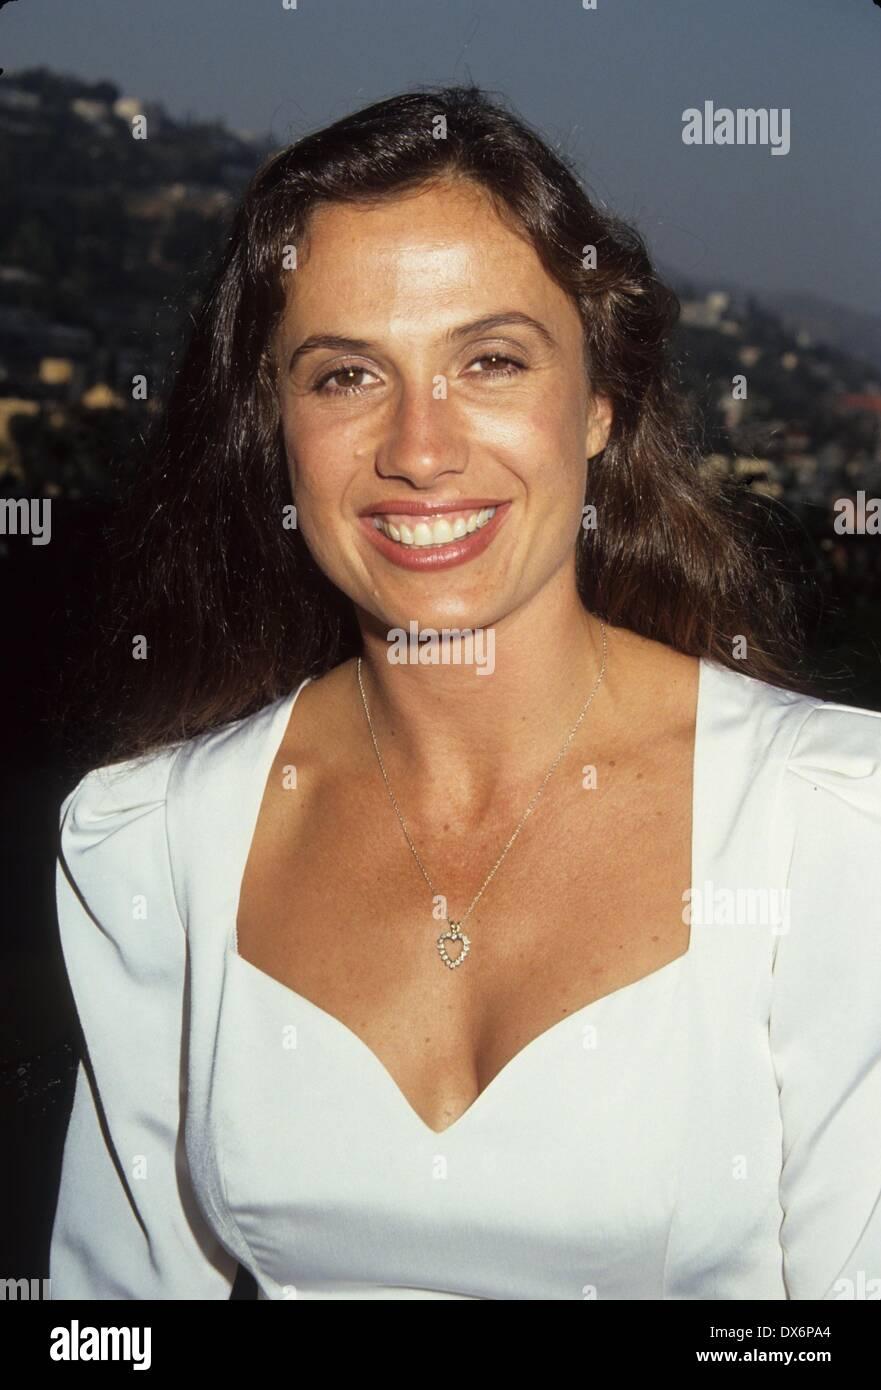 Ana Alicia alba wikipedia